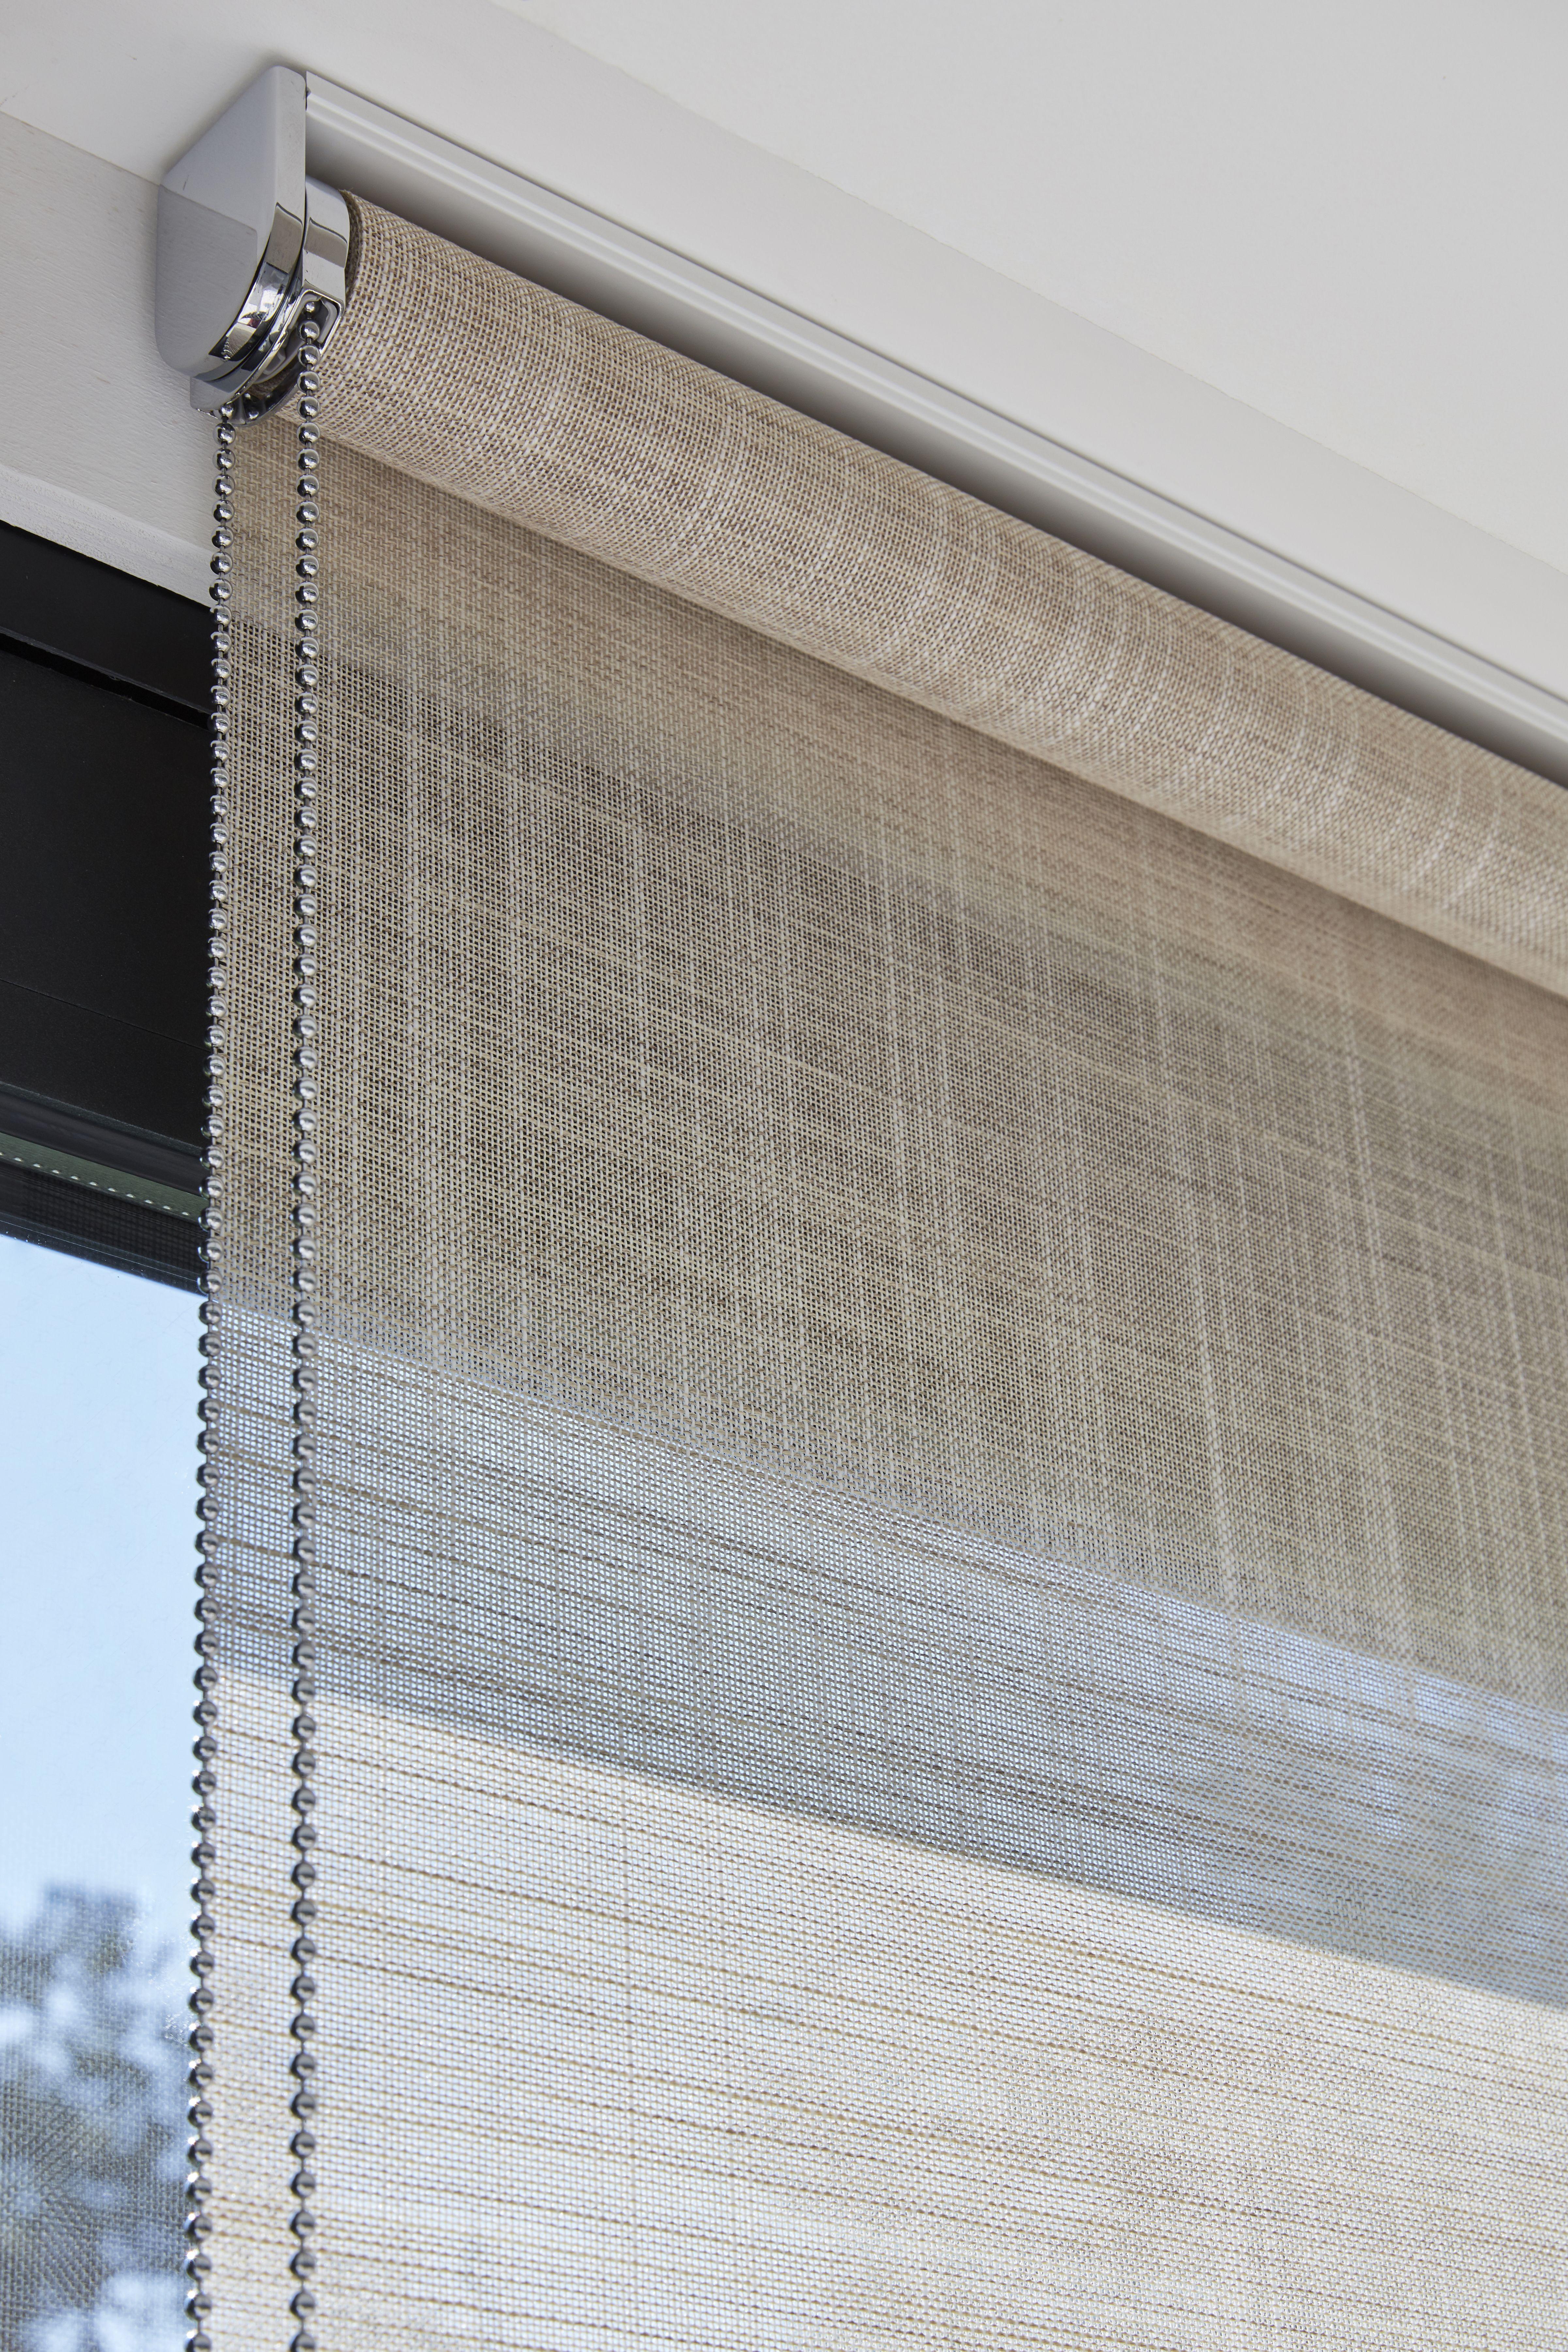 les stores enrouleurs heytens rideau store rideaux decoration rideaux salon